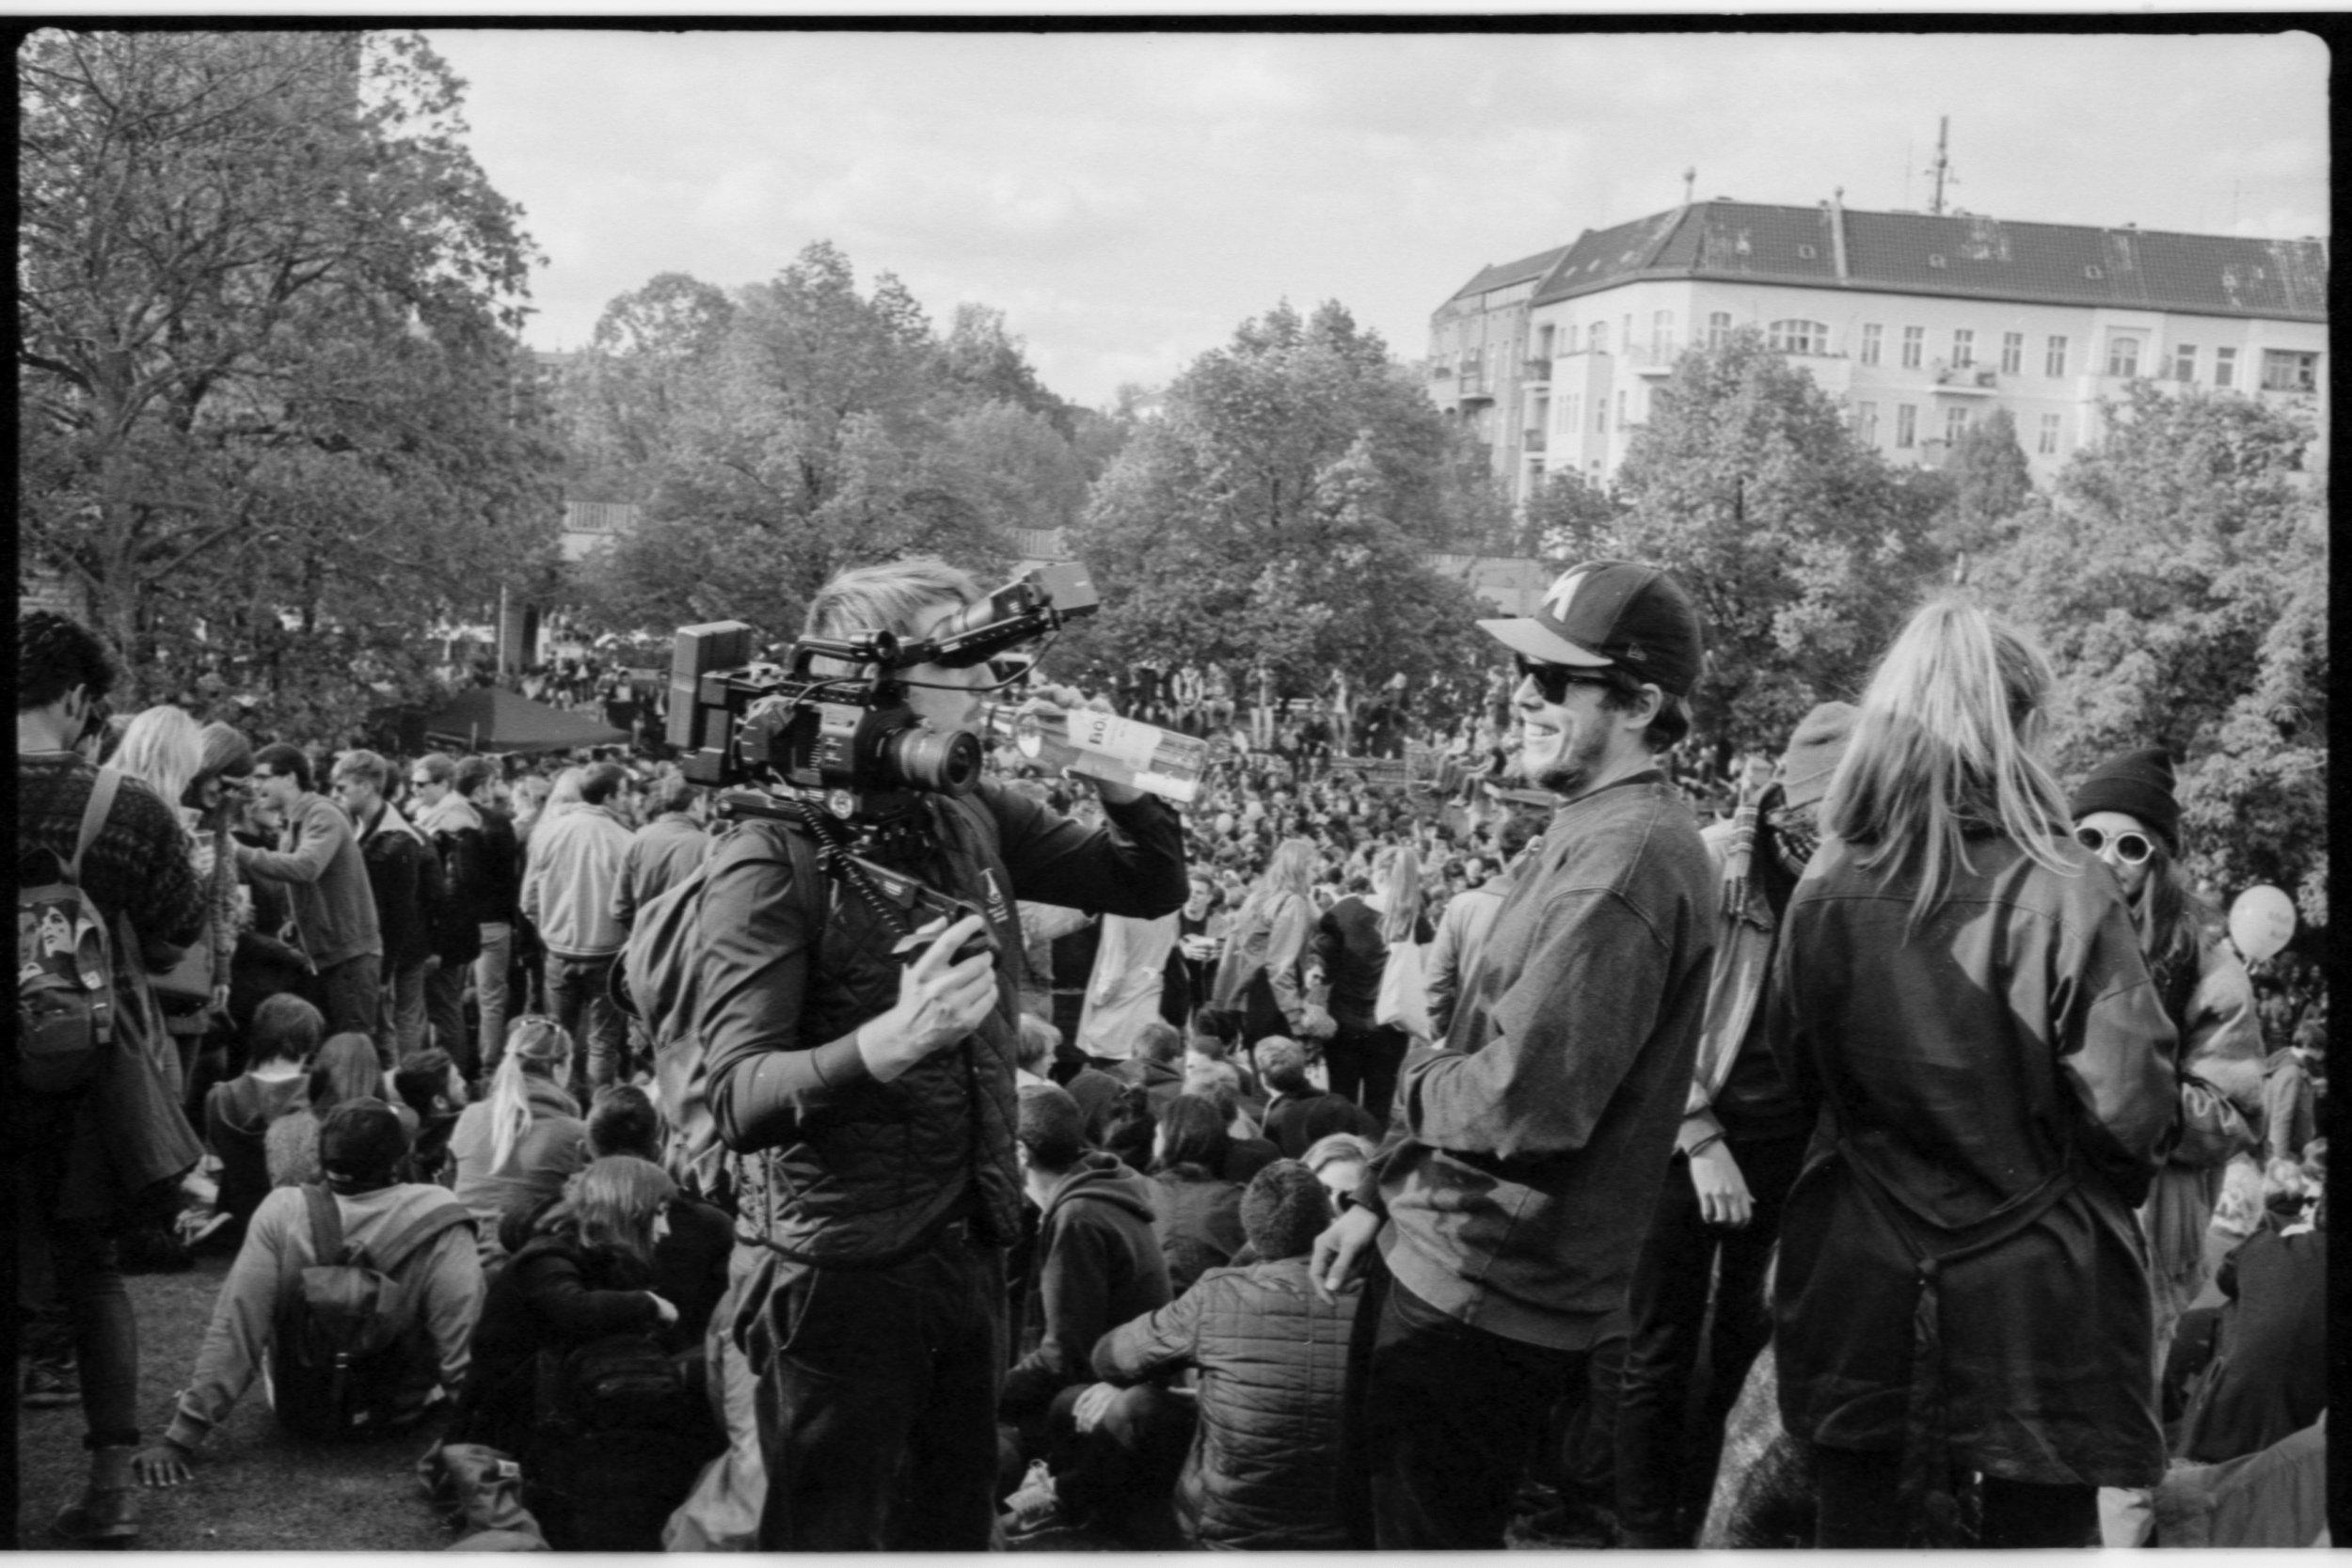 COLUMNBINEFILM_BERLIN_03.jpg